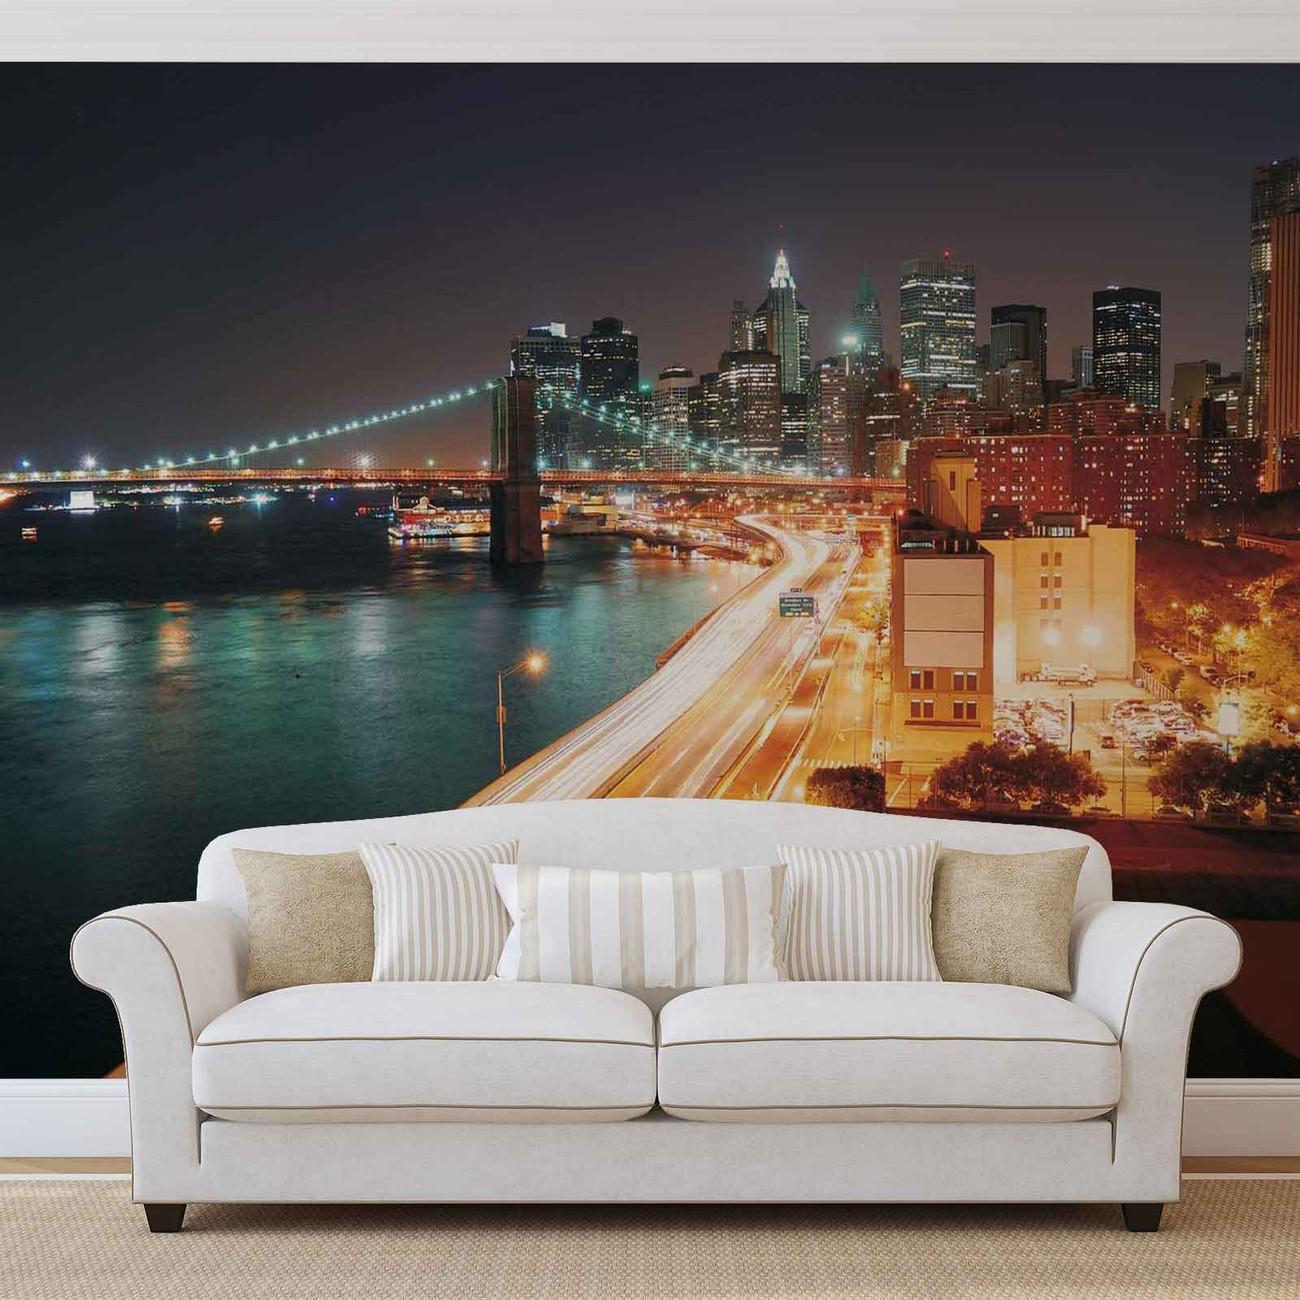 New york city skyline night poster mural papier peint - Poster mural new york ...